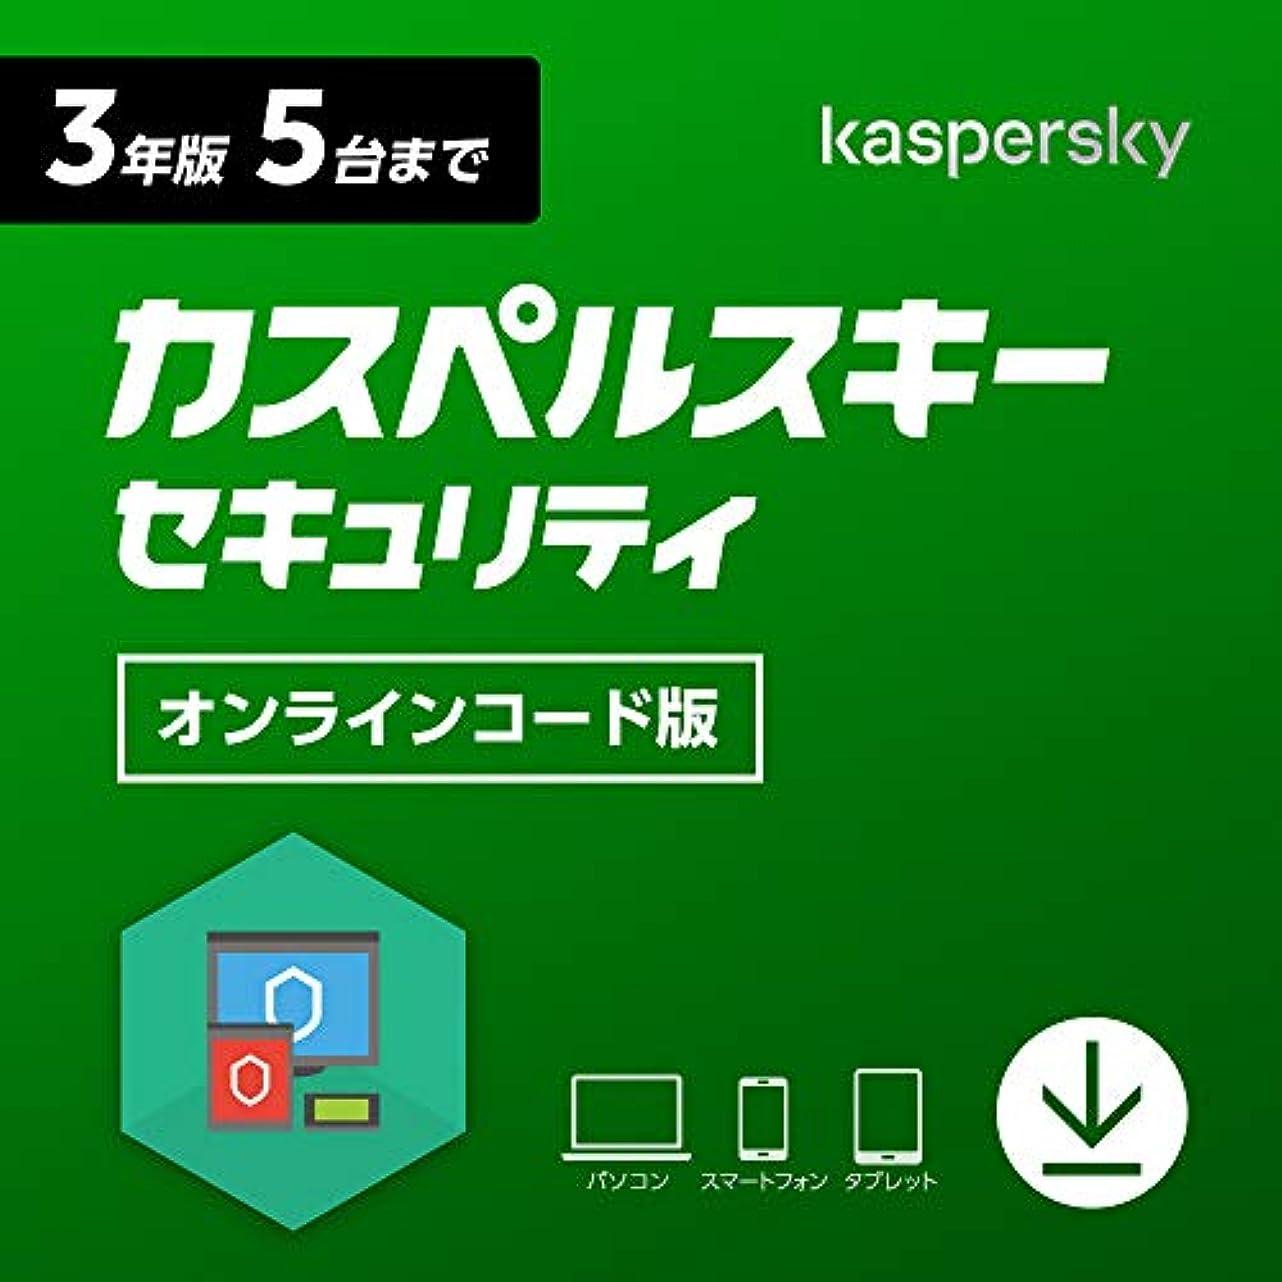 性別症候群支給カスペルスキー セキュリティ (最新版) | 3年 5台版 | オンラインコード版 | Windows/Mac/Android対応